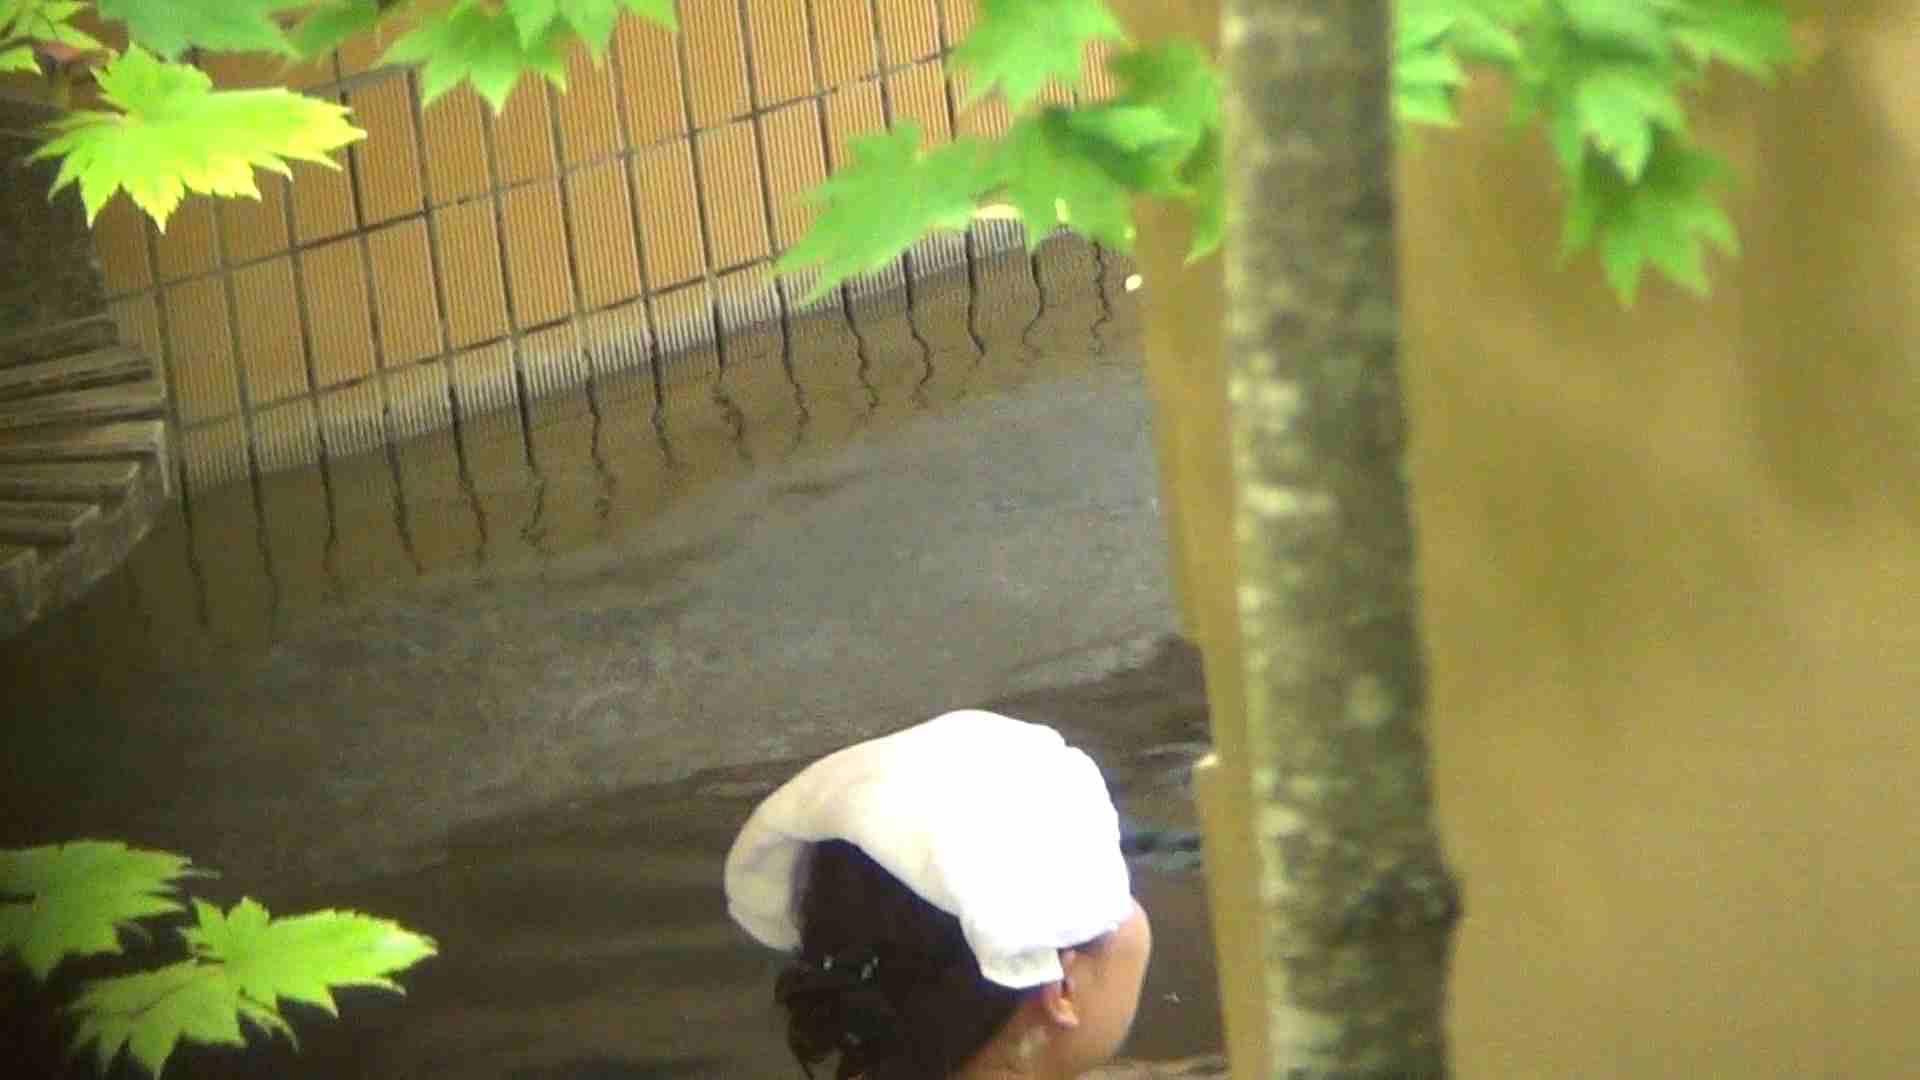 Aquaな露天風呂Vol.264 露天   OLエロ画像  108PICs 55